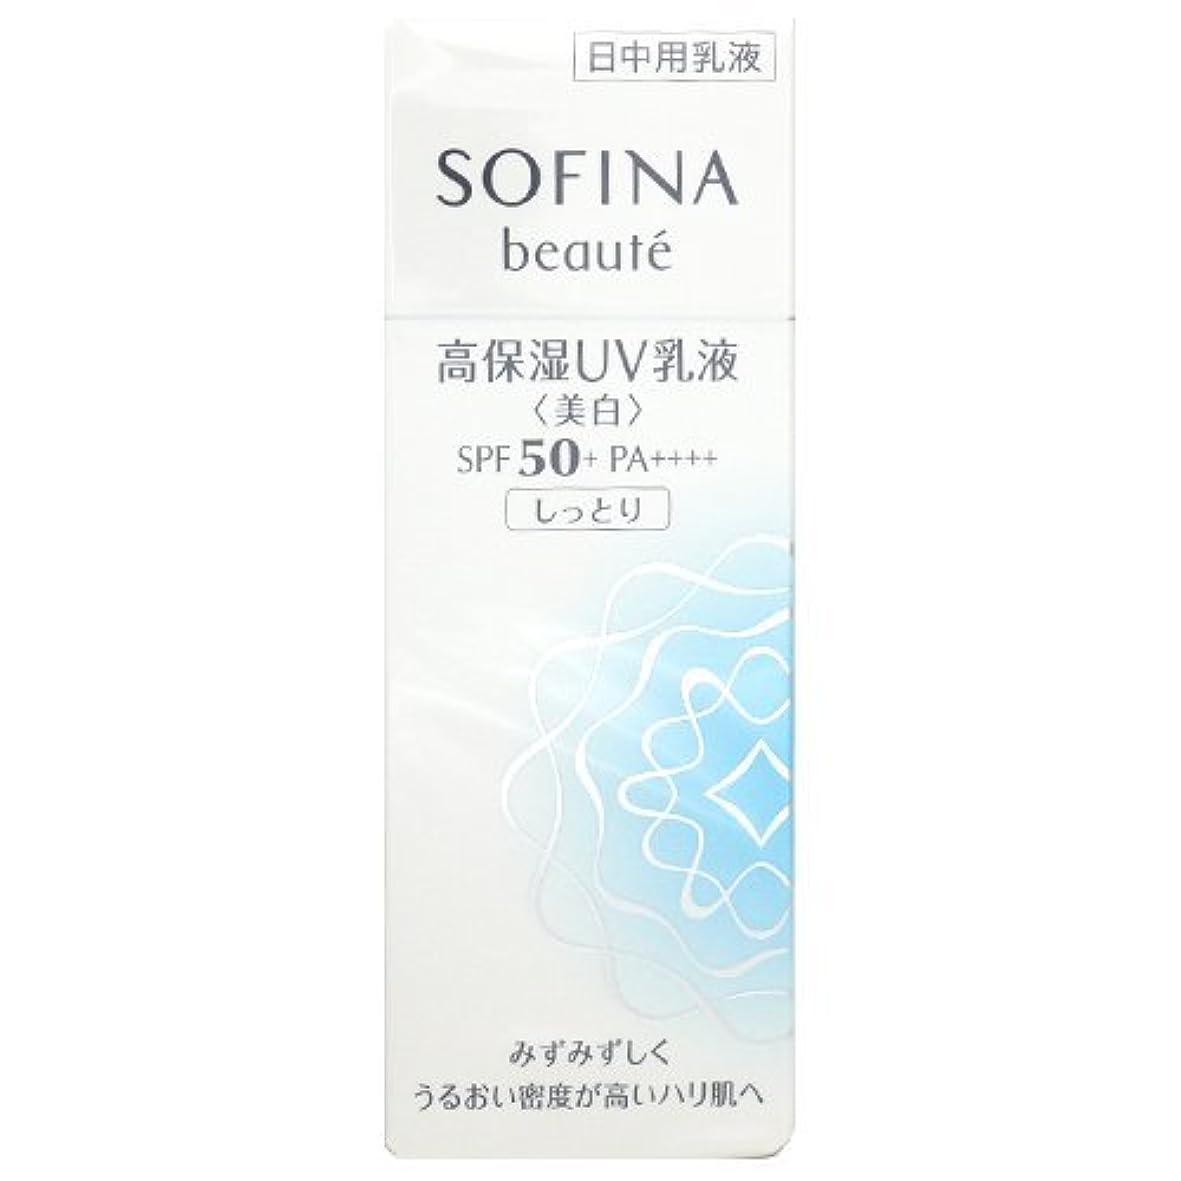 好意的構造コールド花王 ソフィーナ ボーテ SOFINA beaute 高保湿UV乳液 美白 SPF50+ PA++++ しっとり 30g [並行輸入品]